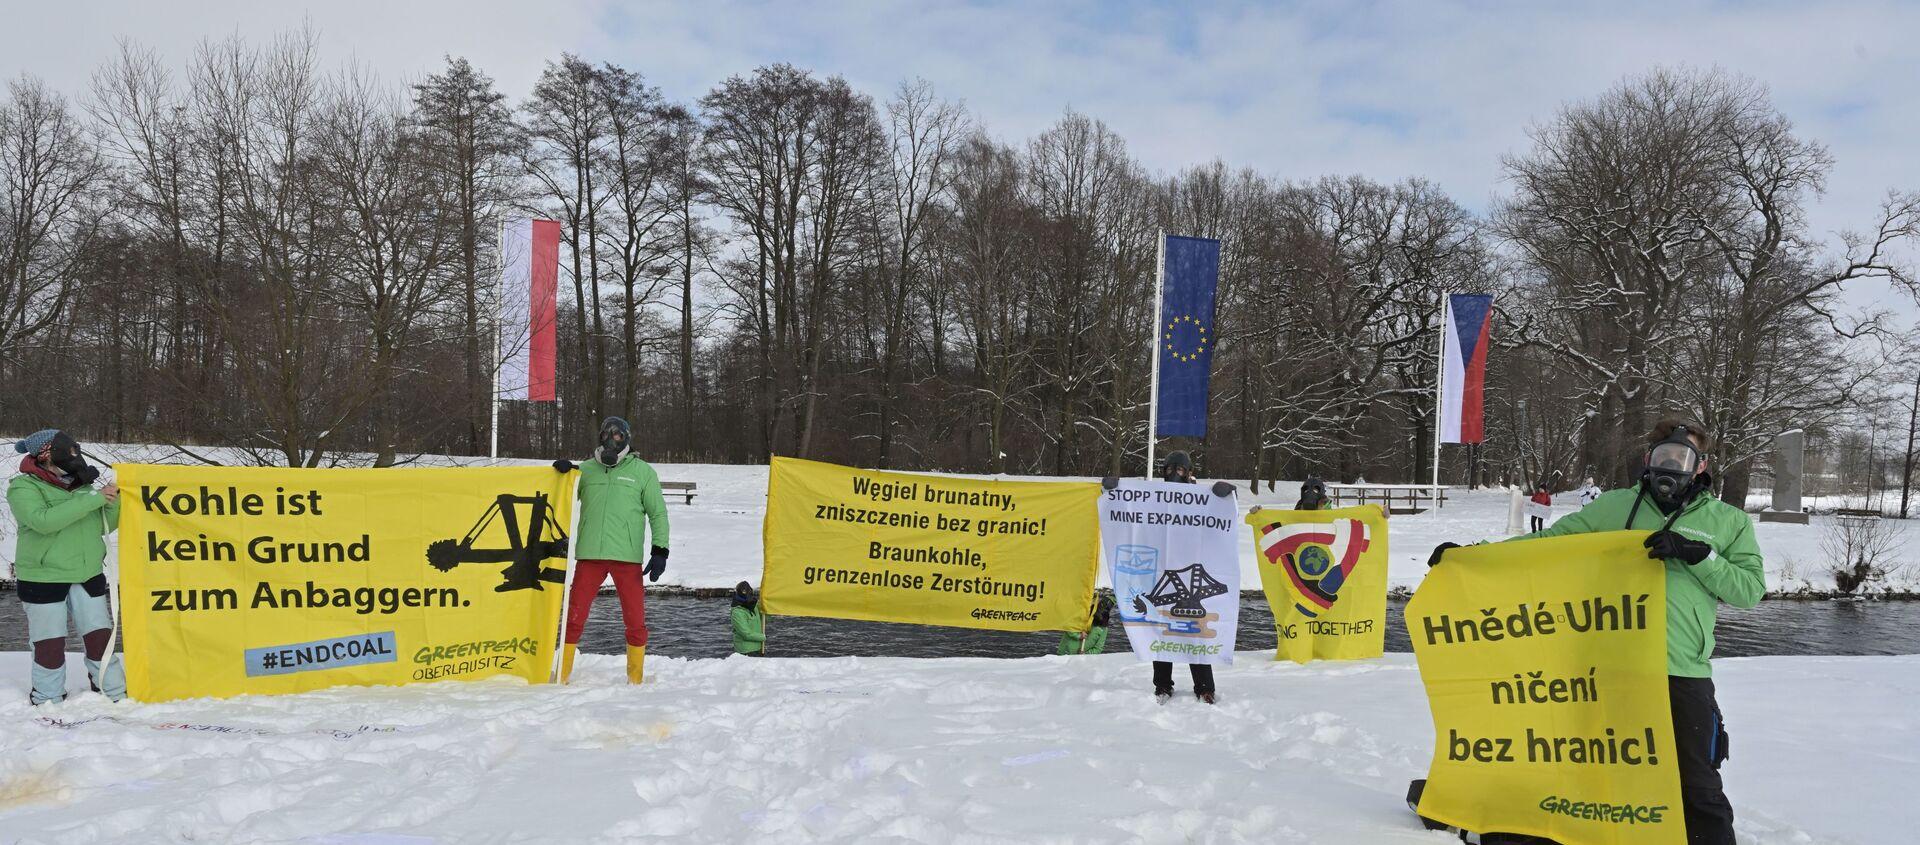 Międzynarodowy protest przeciwko rozbudowie kopalni Turów i działalności elektrowni na Trójstyku granic Polski, Czech i Niemiec  - Sputnik Polska, 1920, 16.02.2021